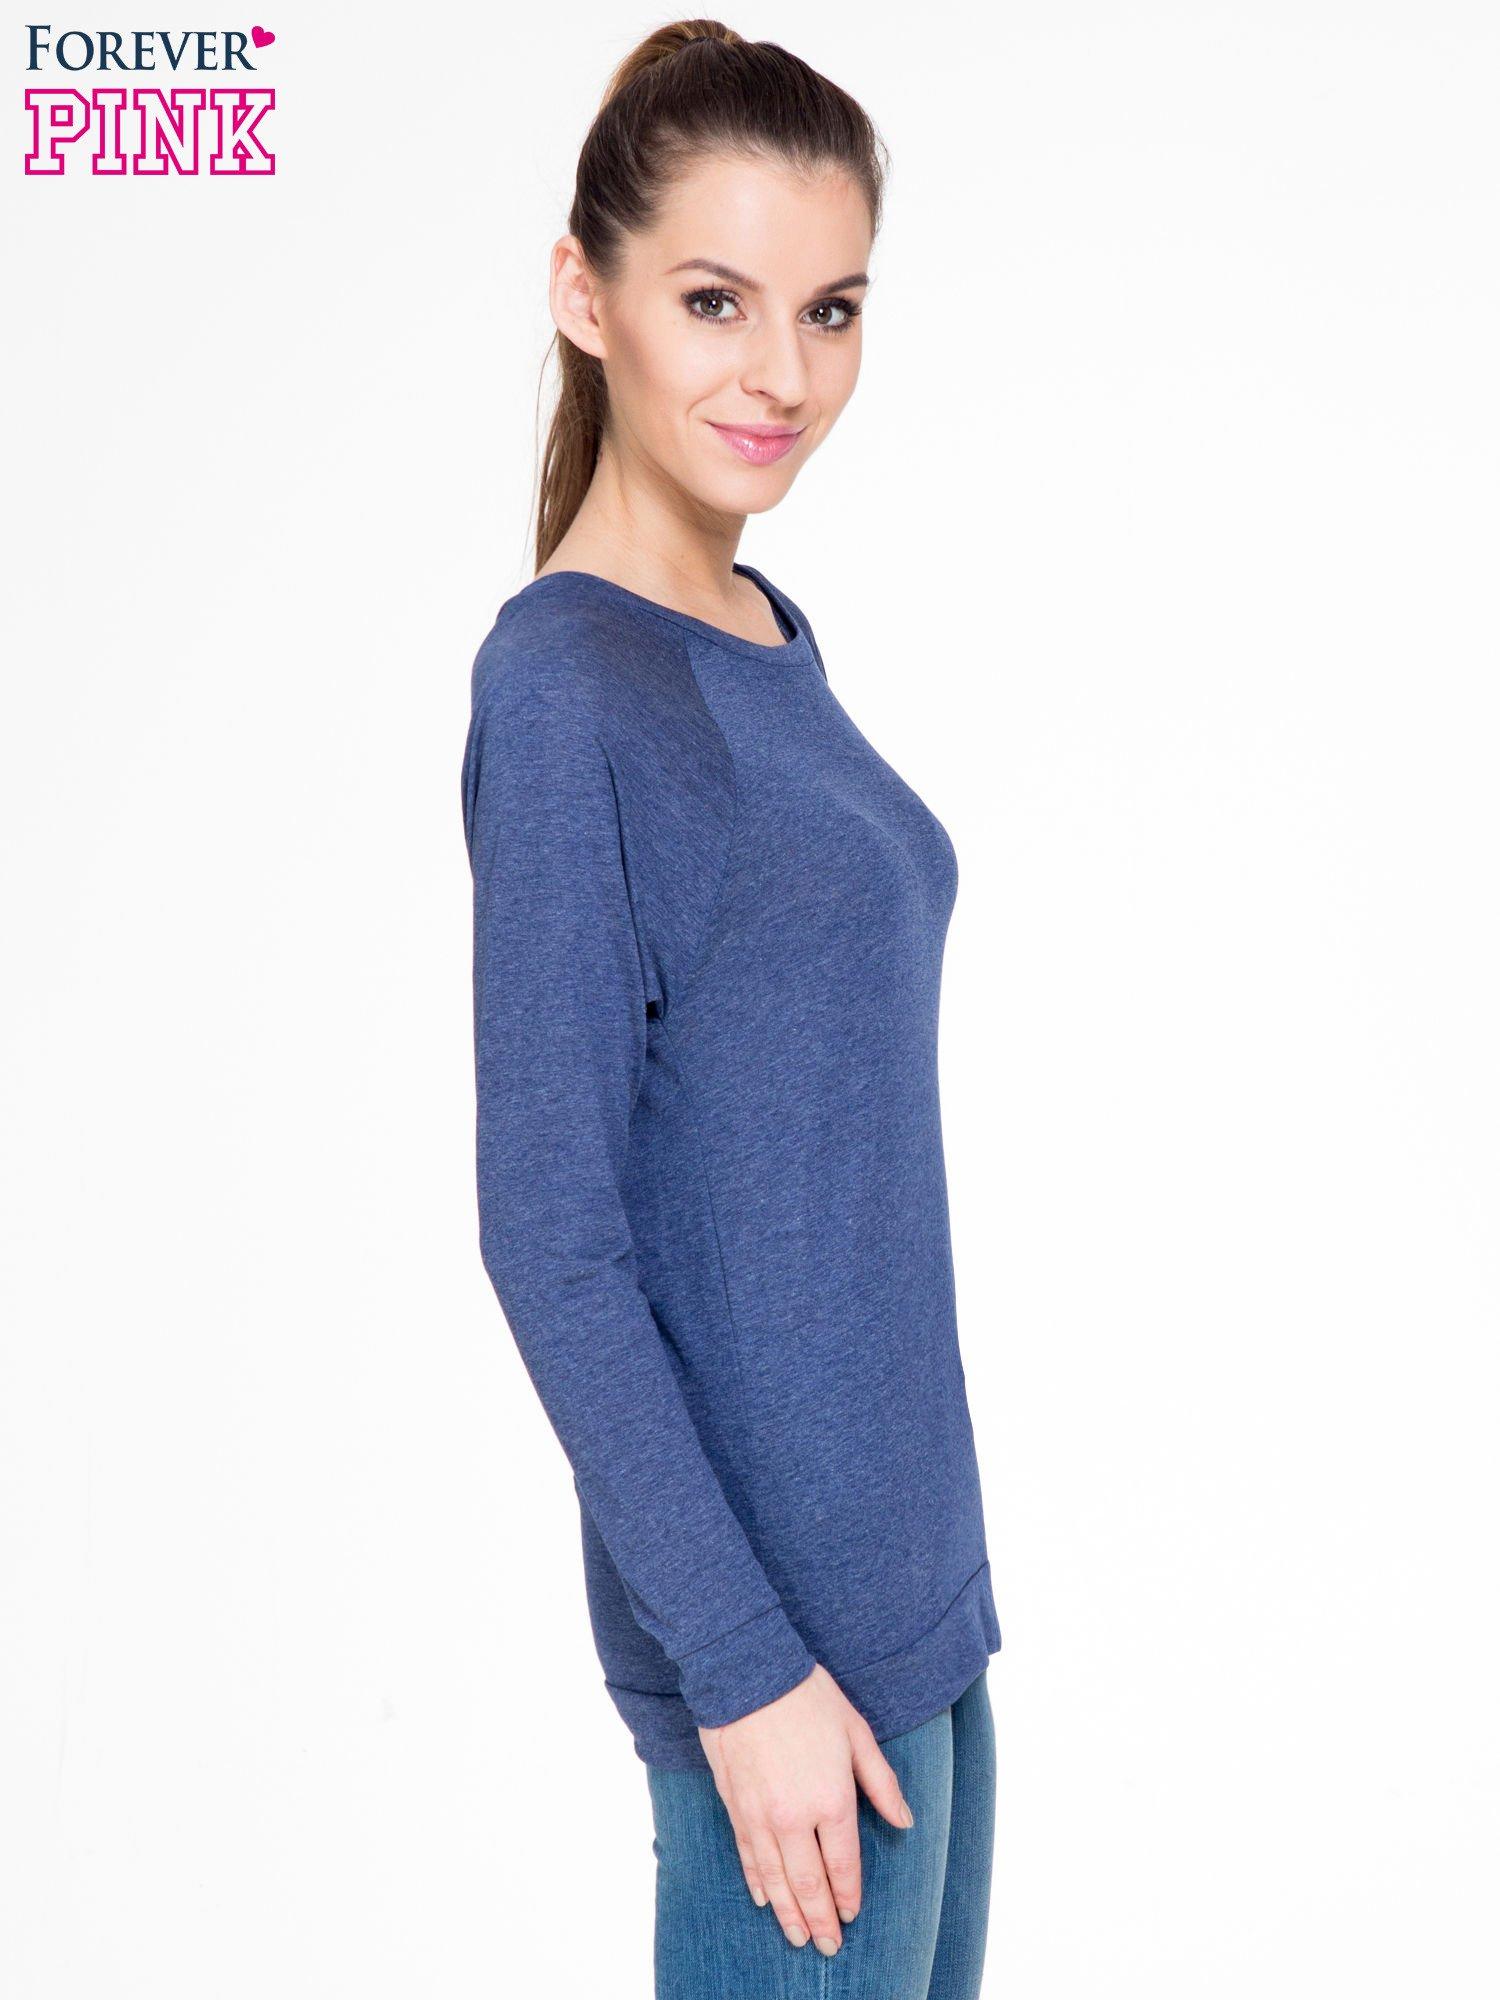 Niebieska melanżowa bawełniana bluzka z rękawami typu reglan                                  zdj.                                  3